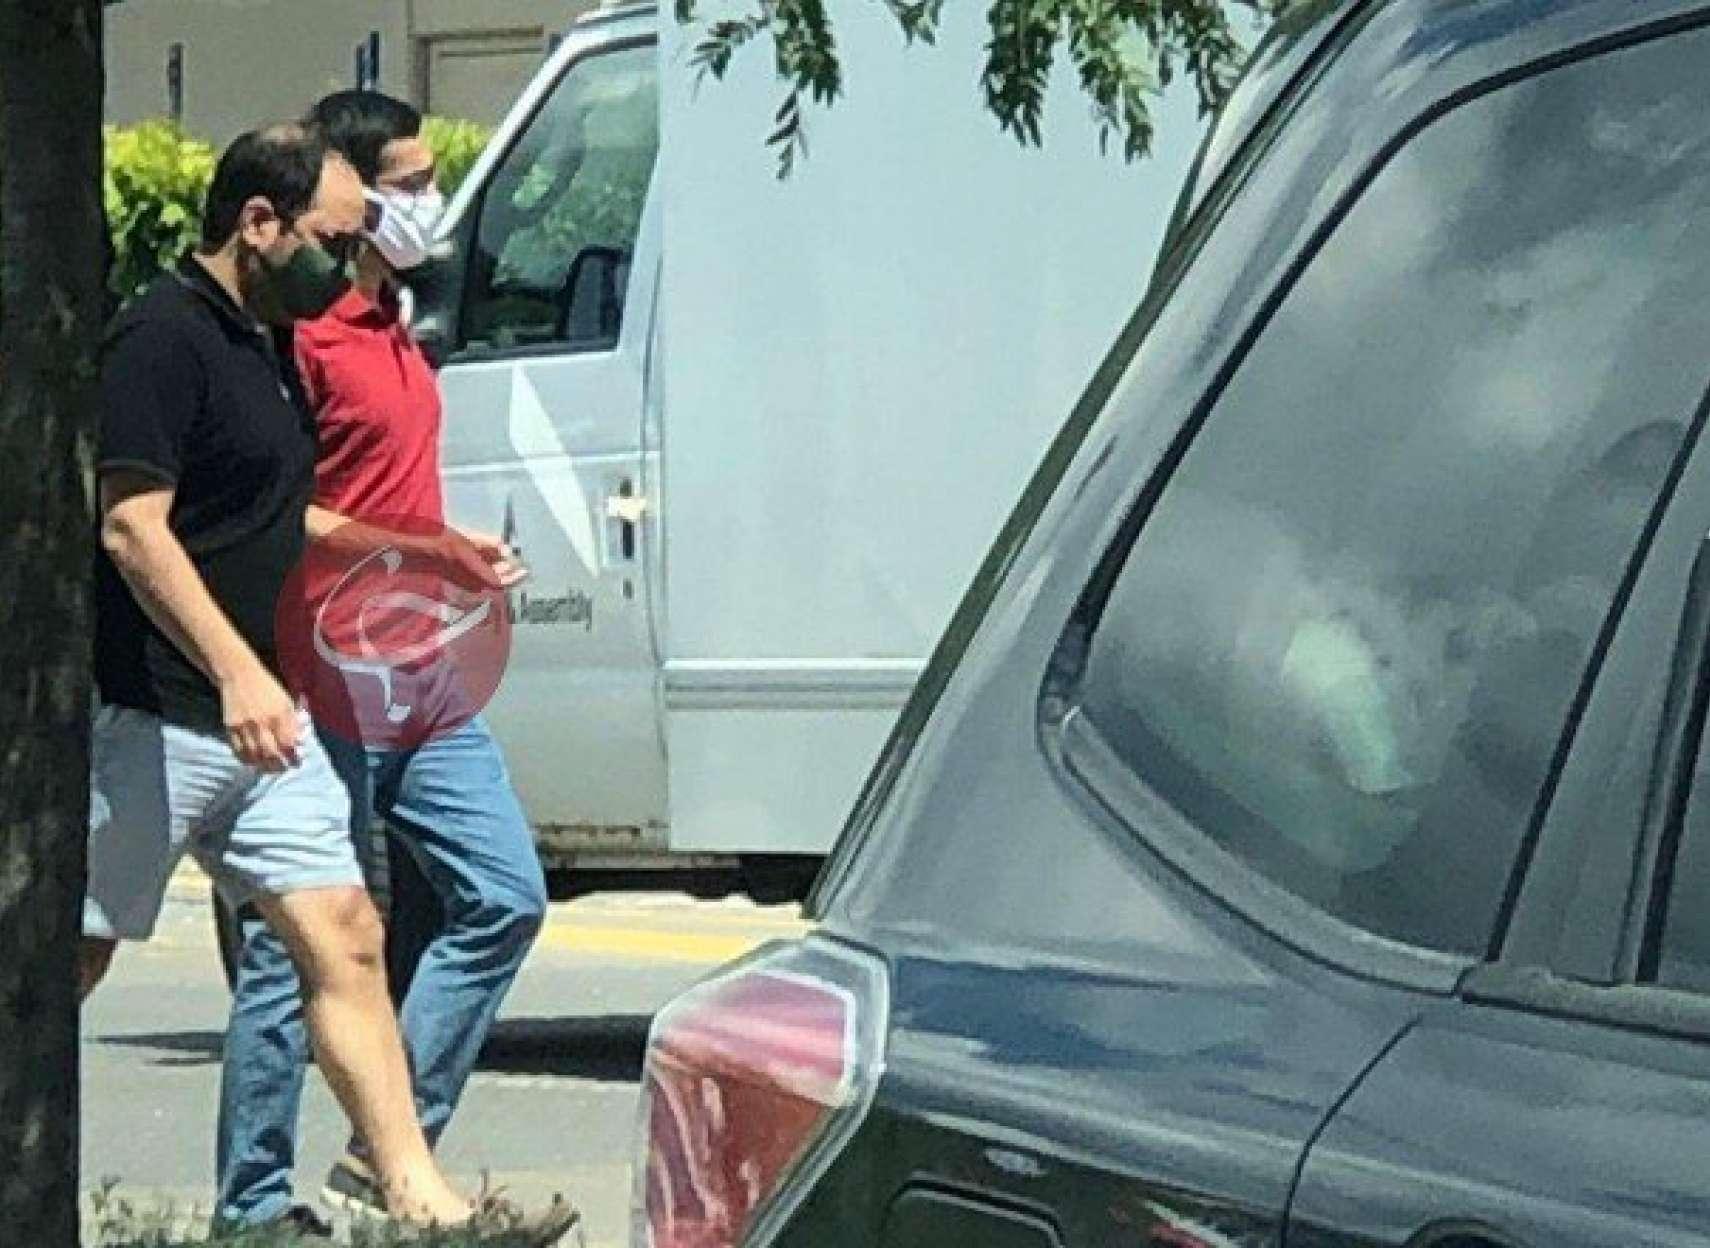 انتشار-تصویر-یکی-از-متهمان-پتروشیمی-گیت-ایران-در-حال-قدم-زدن-در-تورنتو-اتهامات-آقای-علی-اشرف-ریاحی-و-پاسخ-وی-به-آنها